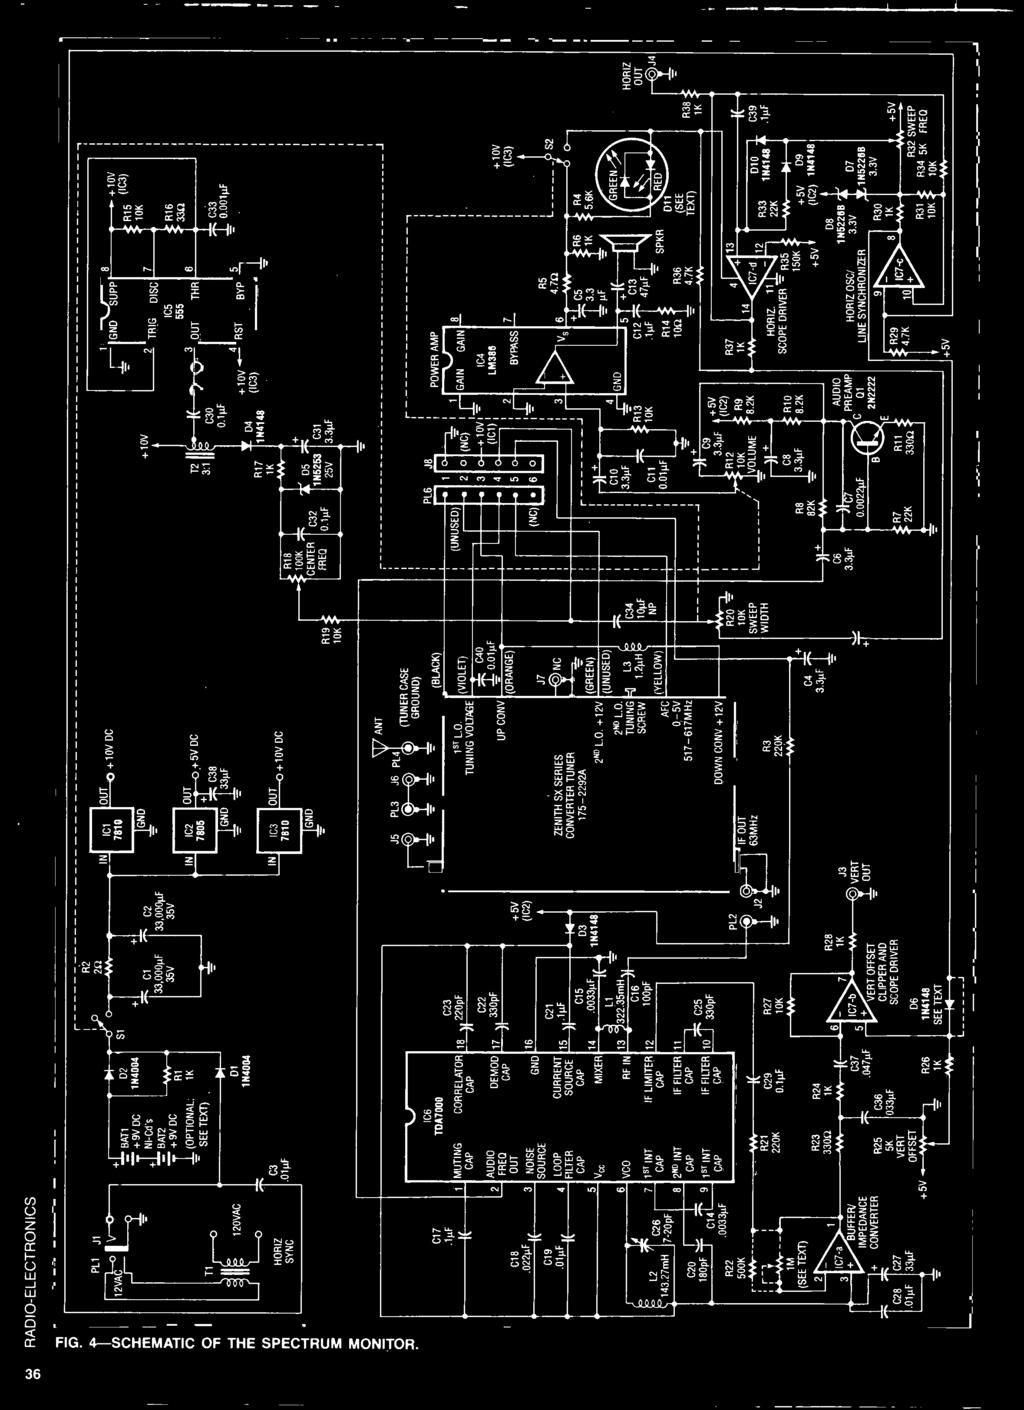 Plan Incliné Lit Bébé Élégant Ectre Build This Spectrum Monitor Op Ampinstr Architectures the